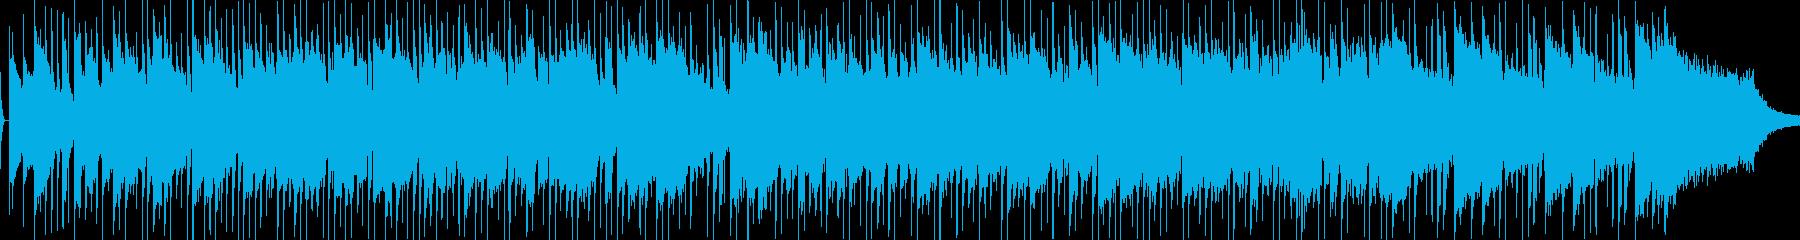 やわらかな雰囲気のボサノバ調の曲です。…の再生済みの波形